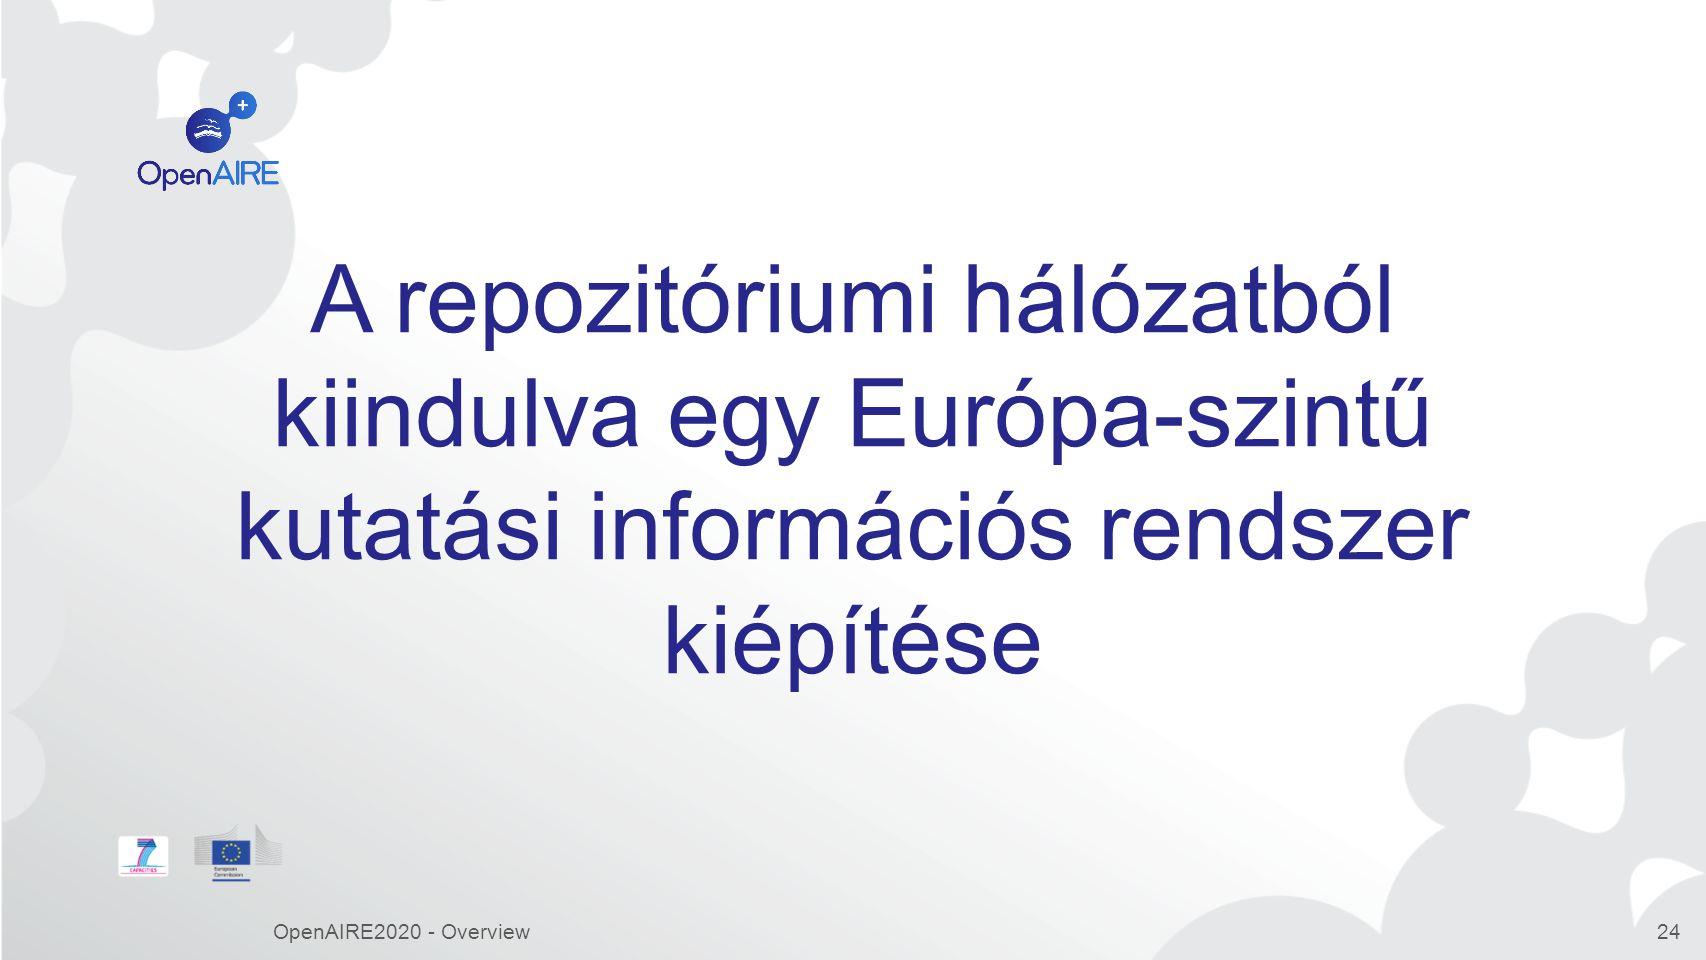 A repozitóriumi hálózatból kiindulva egy Európa-szintű kutatási információs rendszer kiépítése